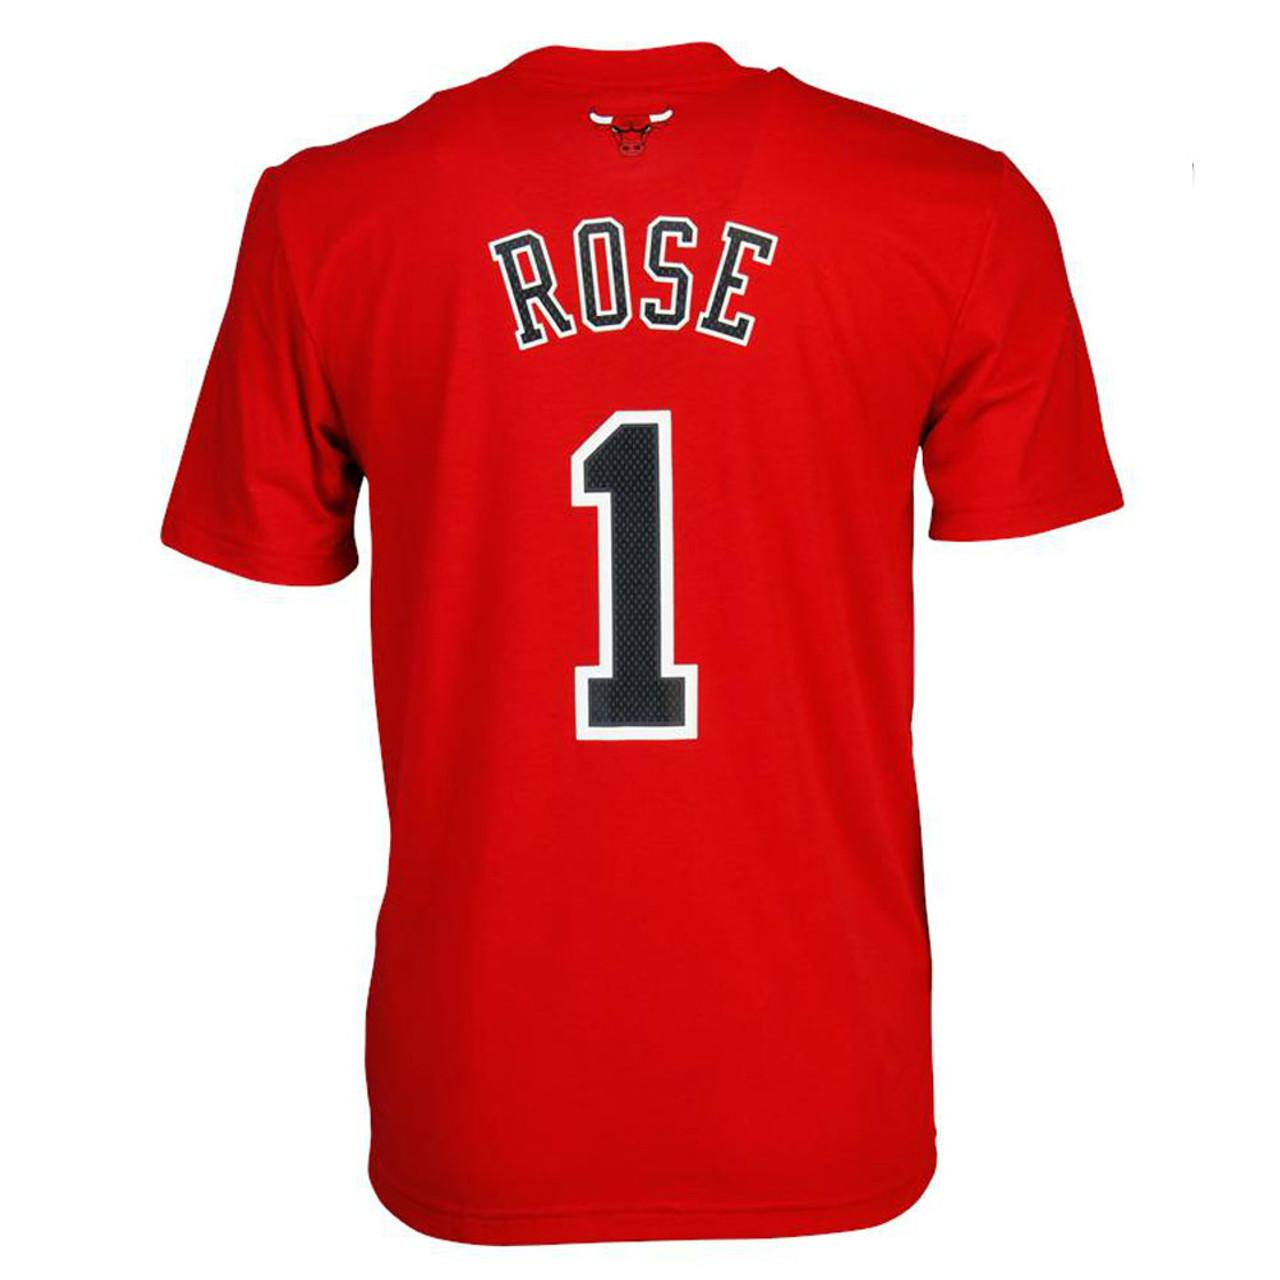 3a04612872c ADIDAS Mens Basketball Gametime Bulls T-shirt [Red]